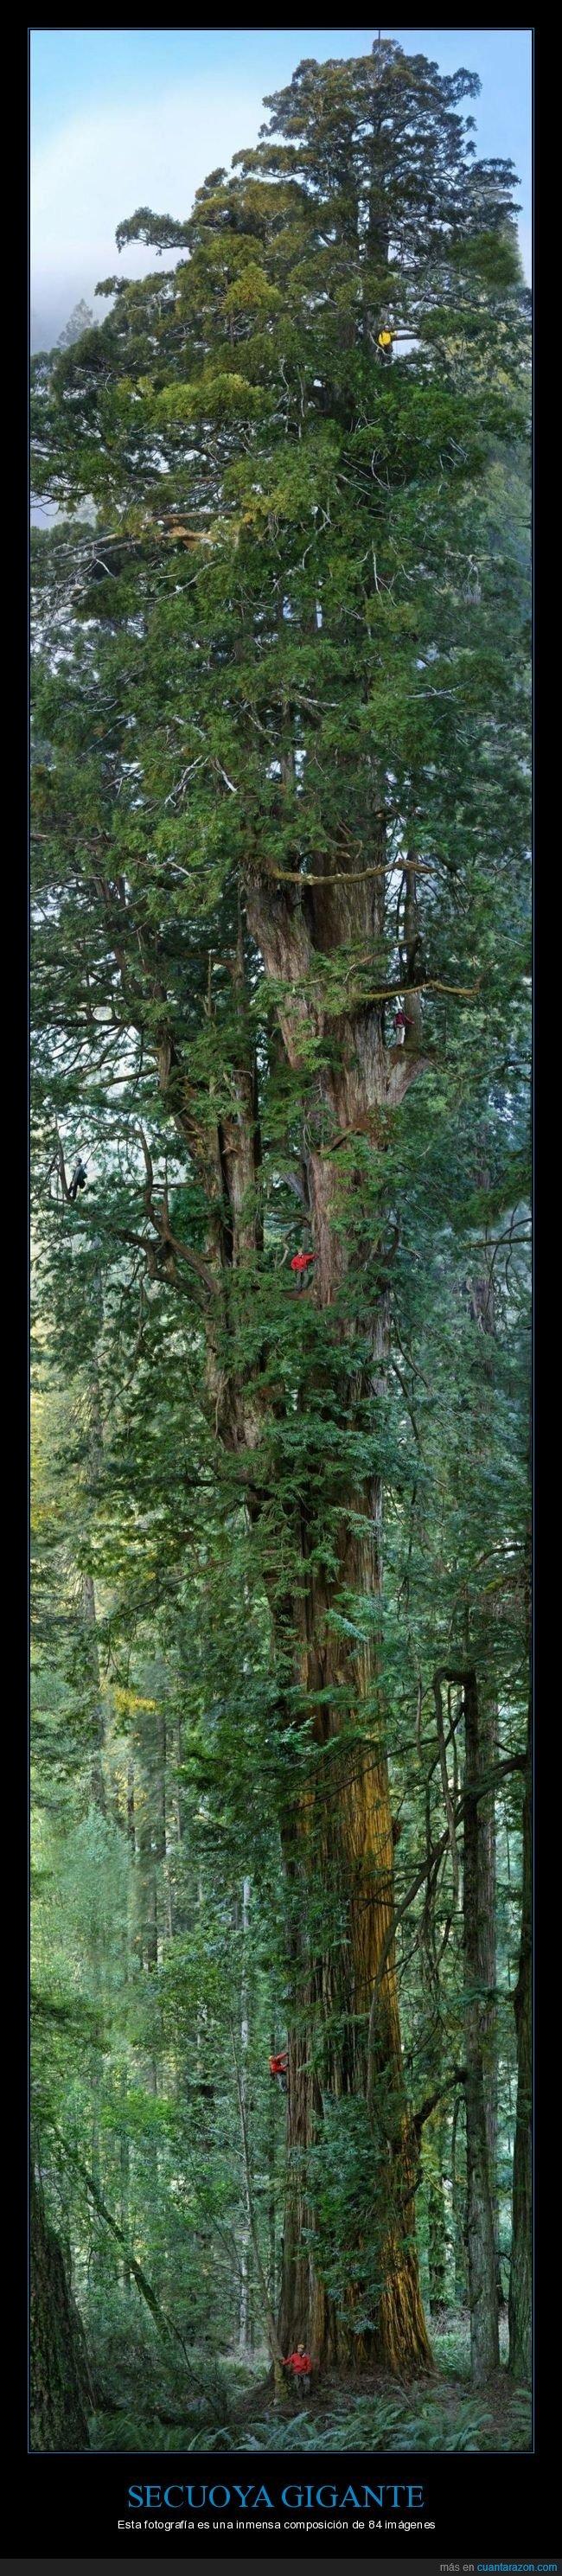 árbol,composición,fotografías,gigante,secuoya